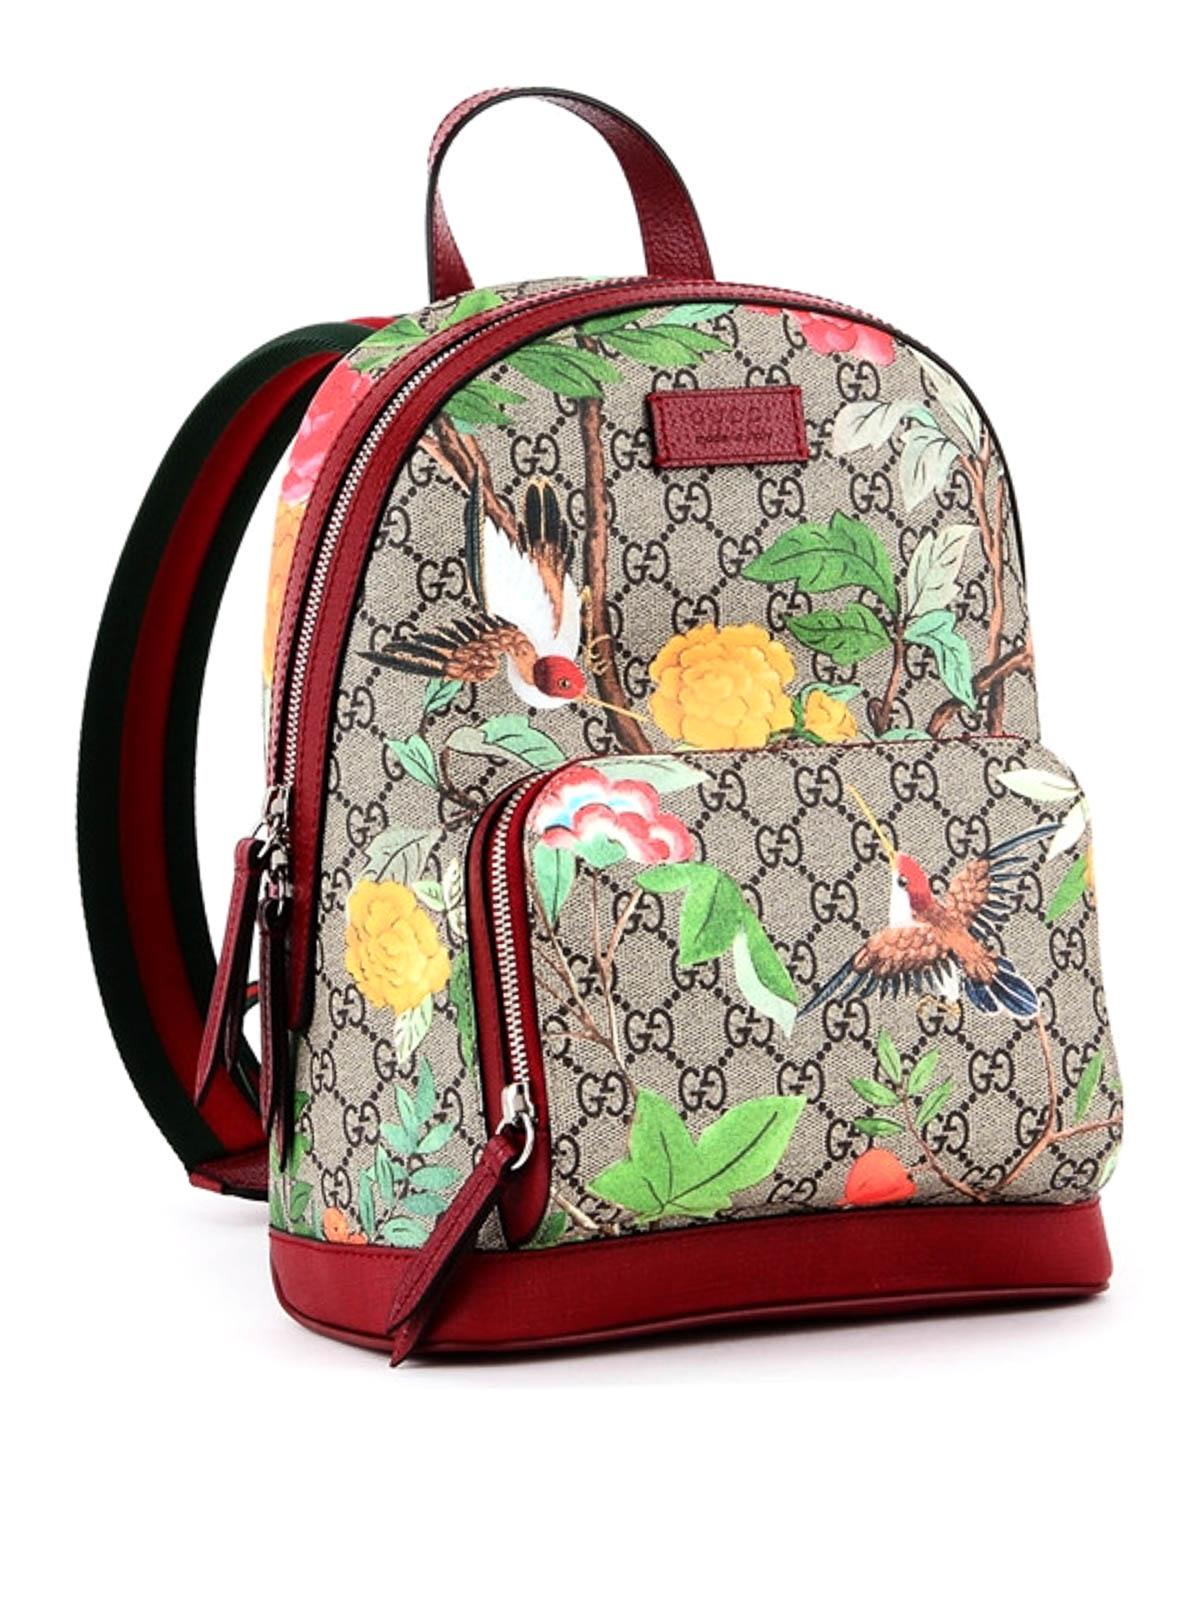 d8ecdff31 Gucci - Mochila Roja Para Mujer - Mochilas - 427042K0LCN8722 | iKRIX.com